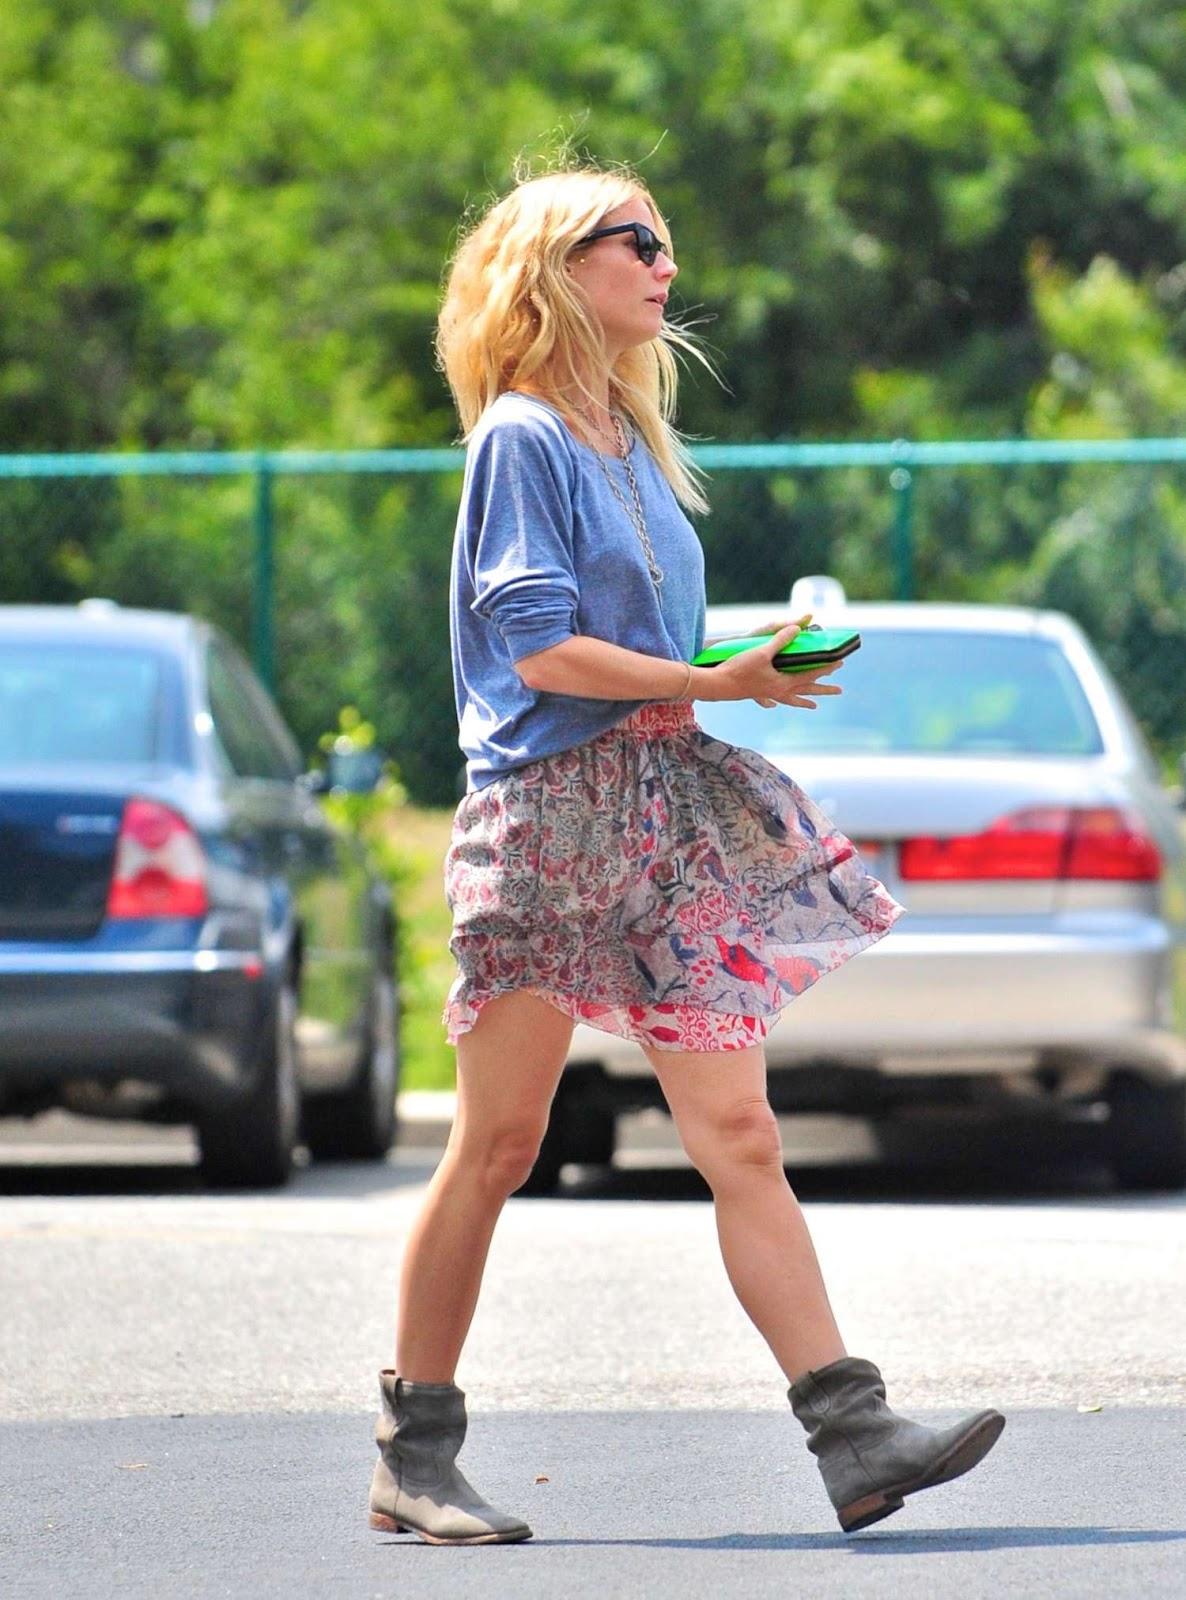 http://4.bp.blogspot.com/-8QDLEa0pkeg/T6jsLpIZIuI/AAAAAAAAEgE/I6GocfhPROk/s1600/Gwyneth+Paltrow-Beverly-Hills-2012-06.jpg